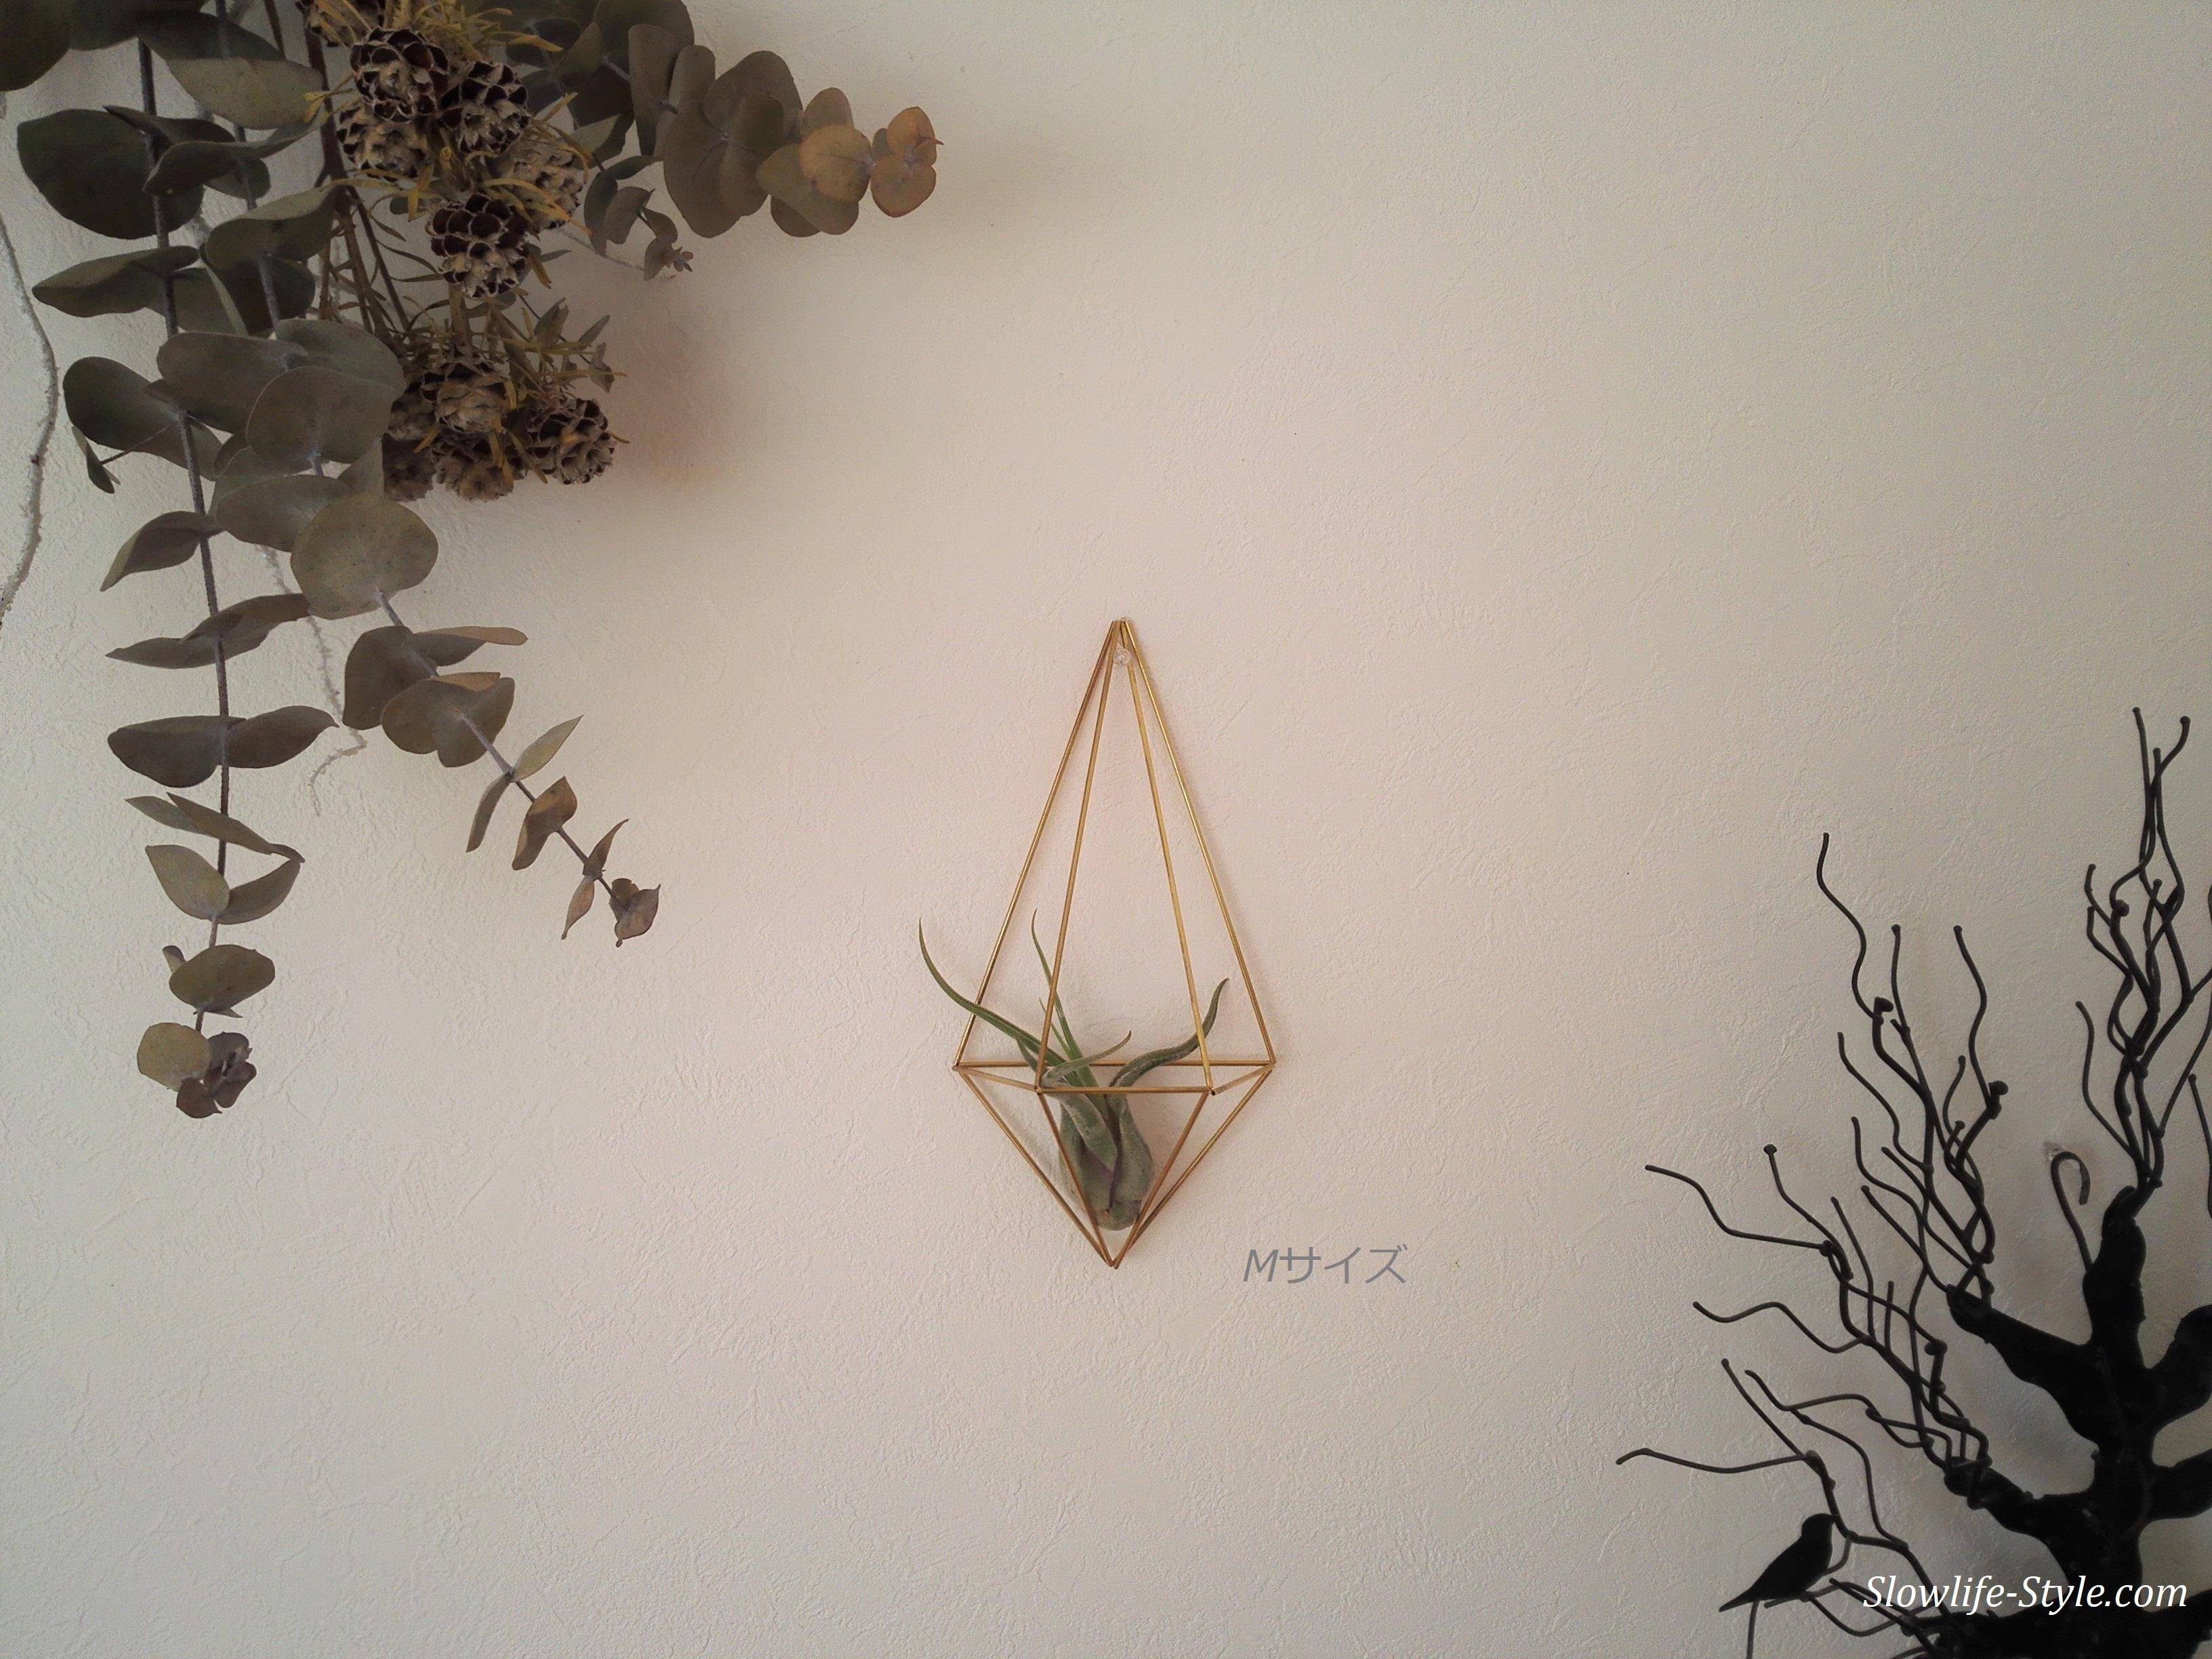 北欧インテリア「真鍮製のヒンメリ 壁掛けエアープランツホルダー Mサイズ」